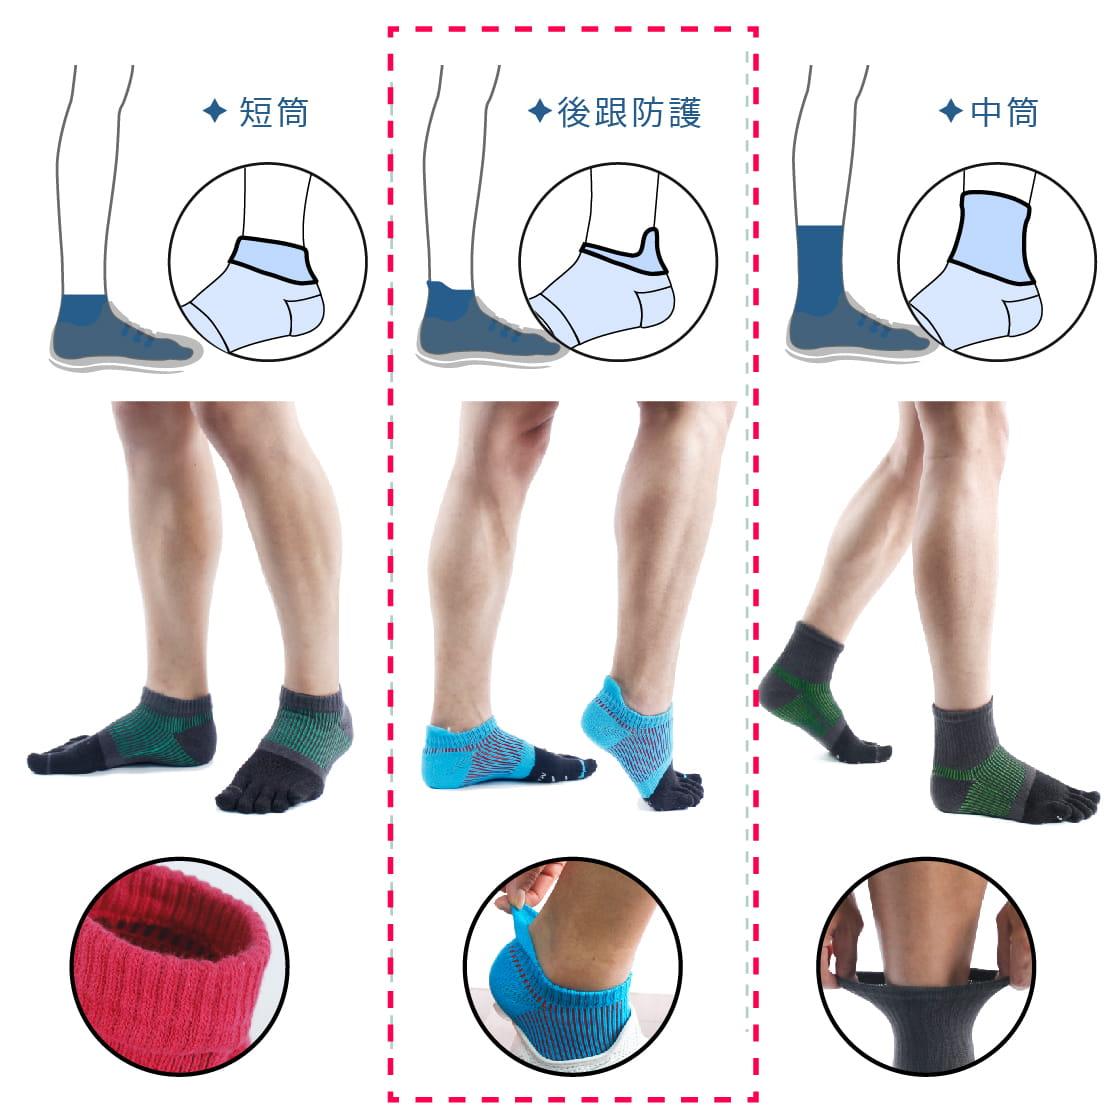 【FAV】後跟防護加壓五指運動襪-1雙入 7